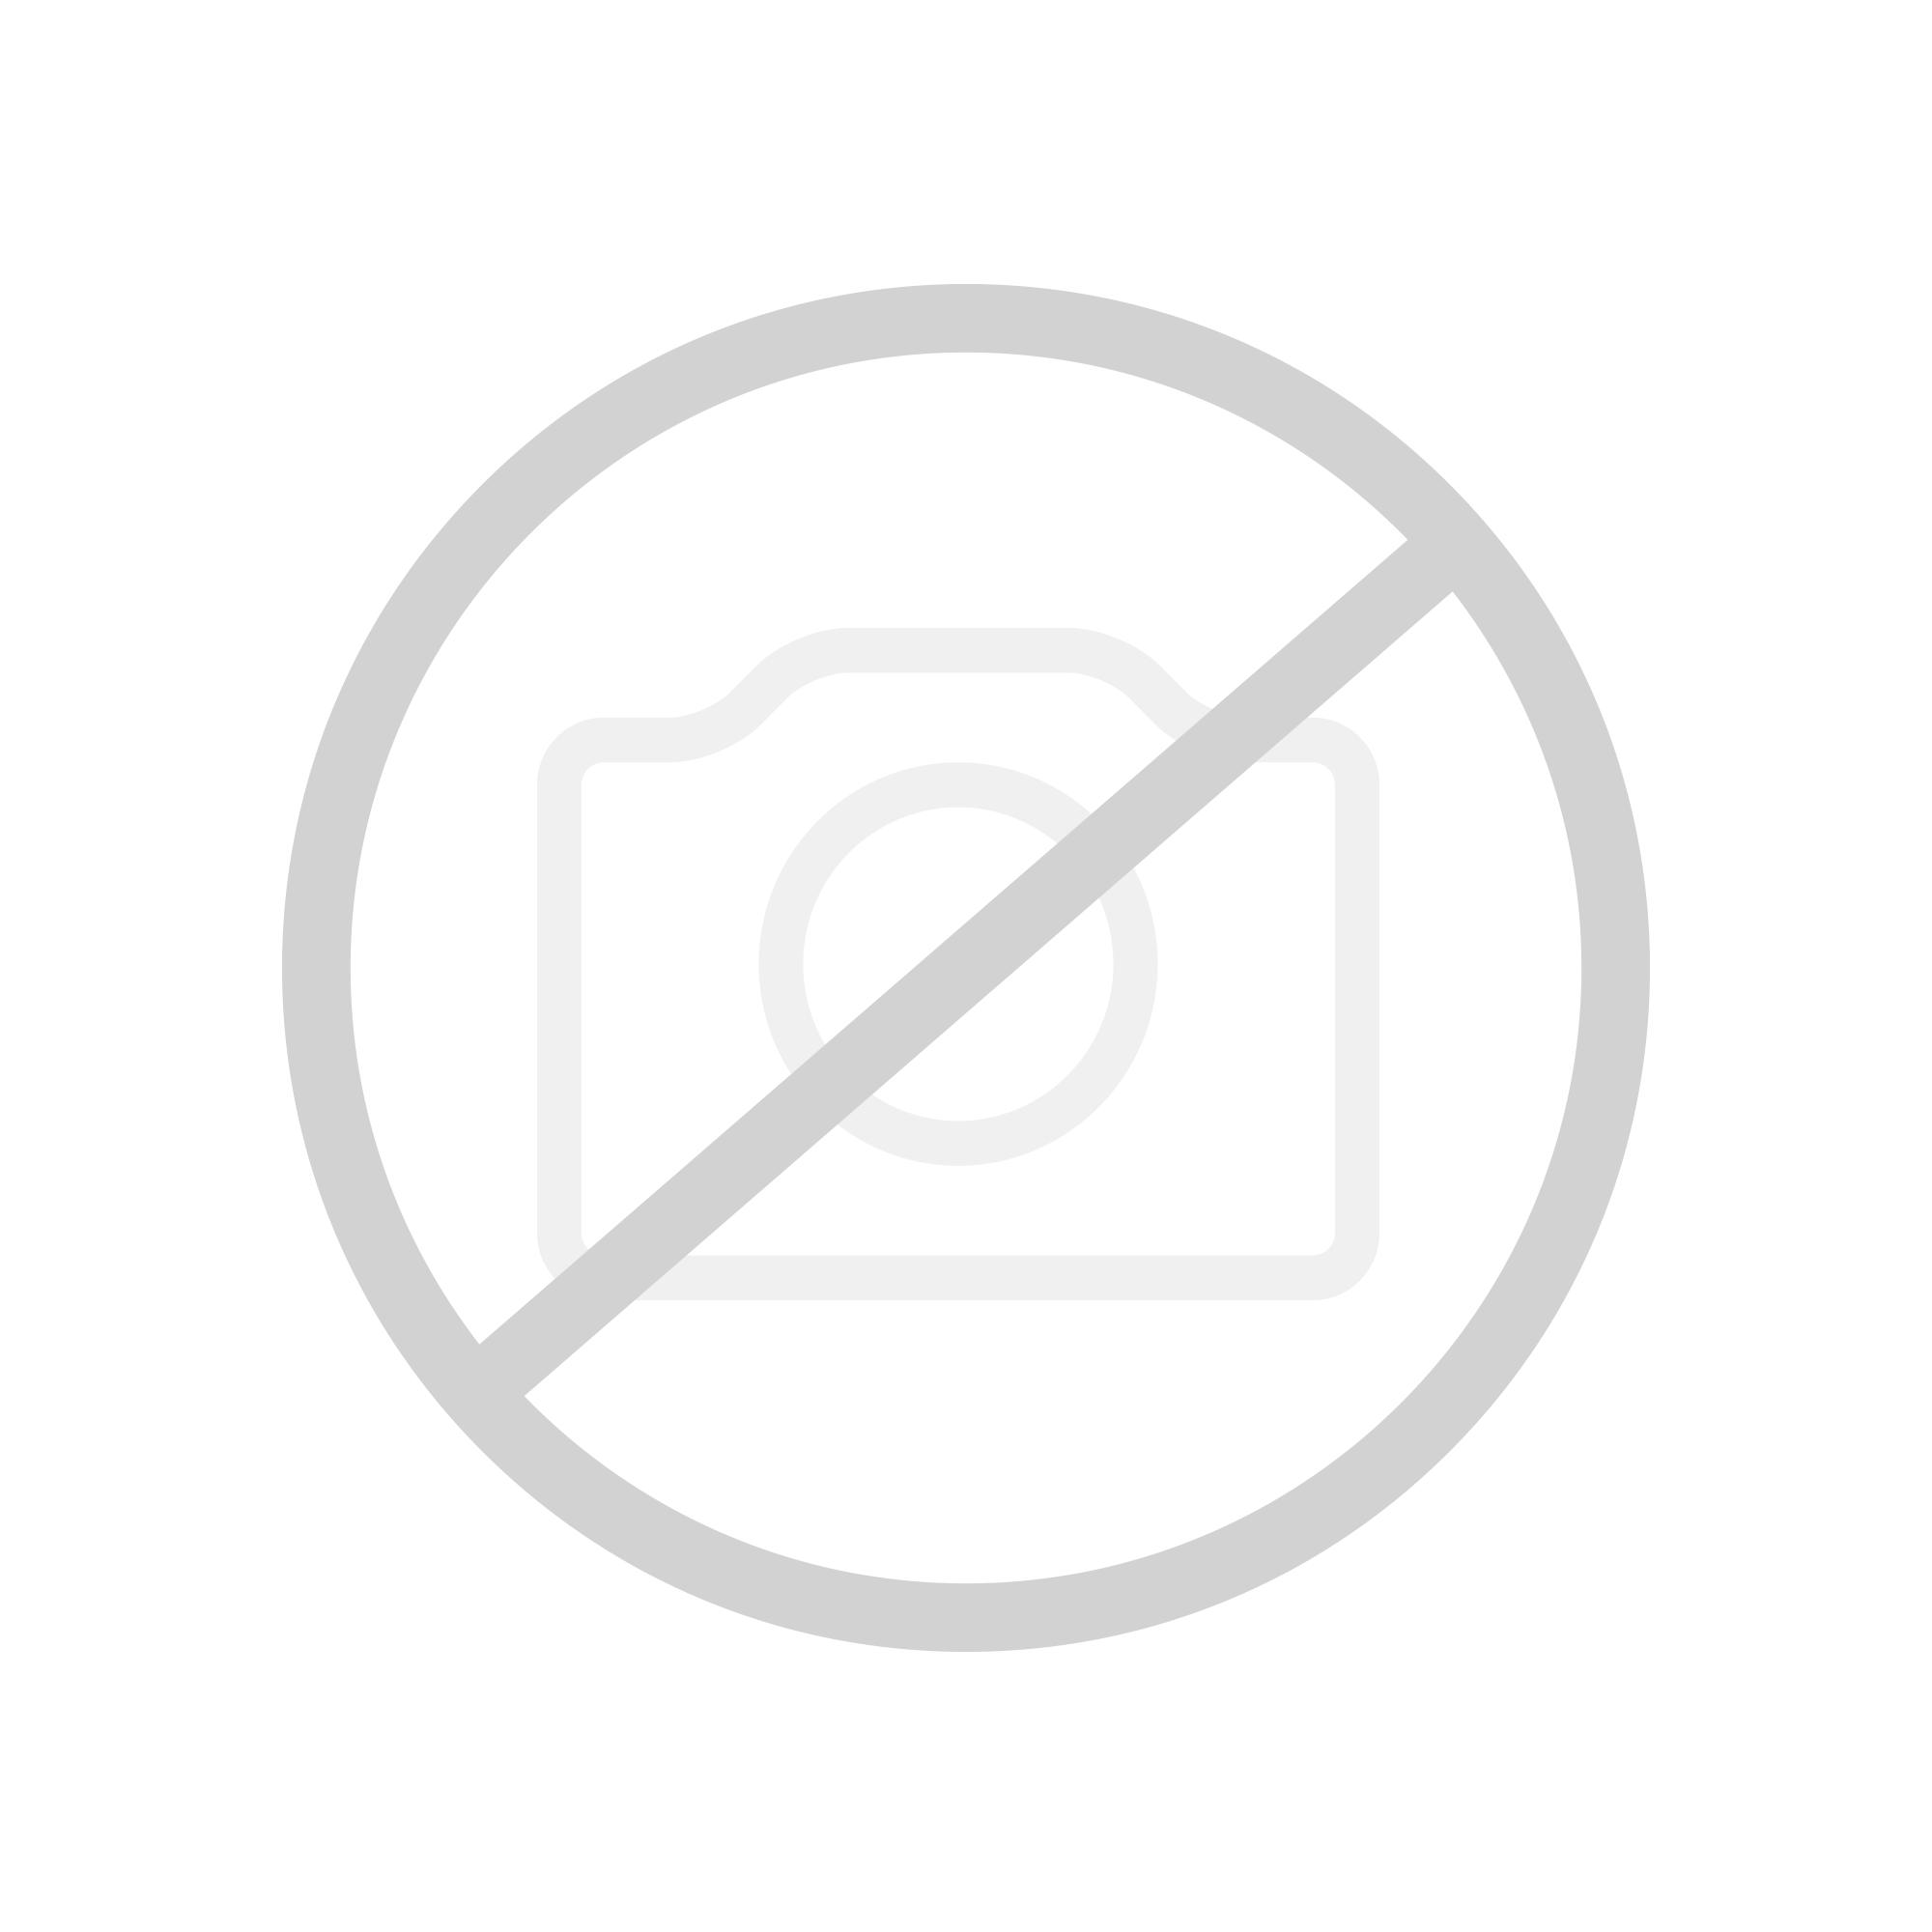 Duravit DuraStyle Ablageboard wandhängend weiß matt